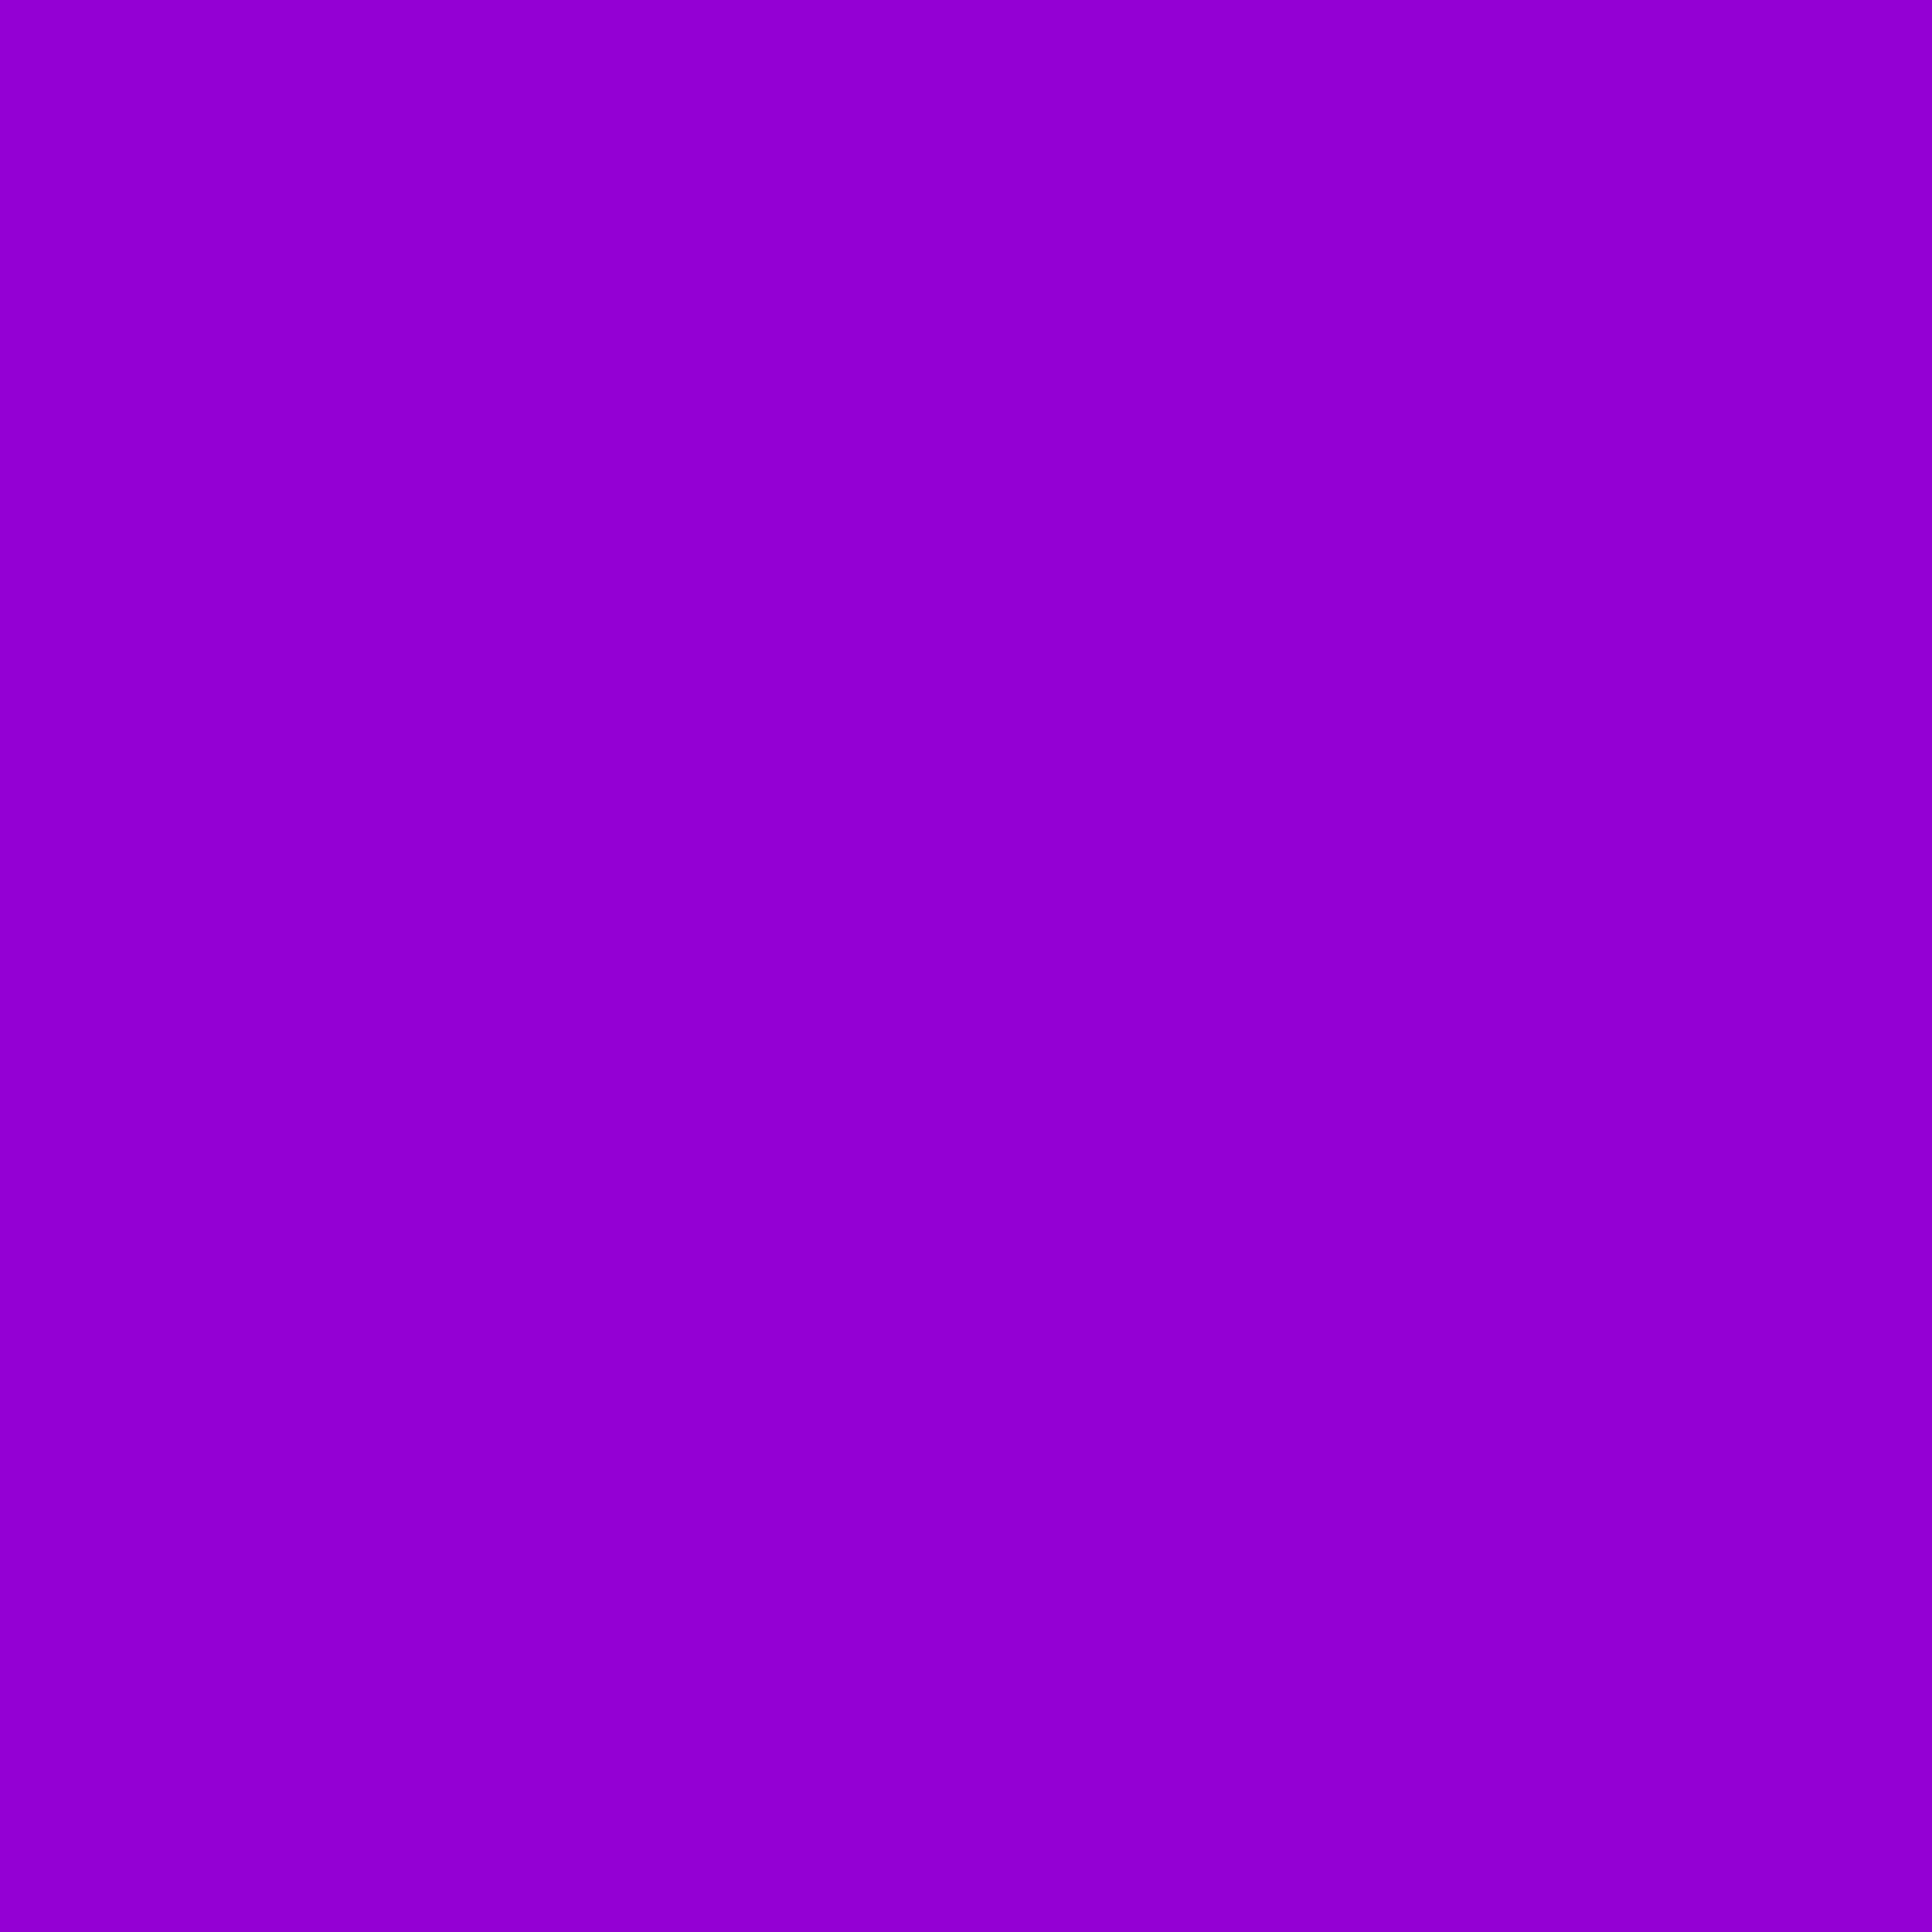 2732x2732 Dark Violet Solid Color Background